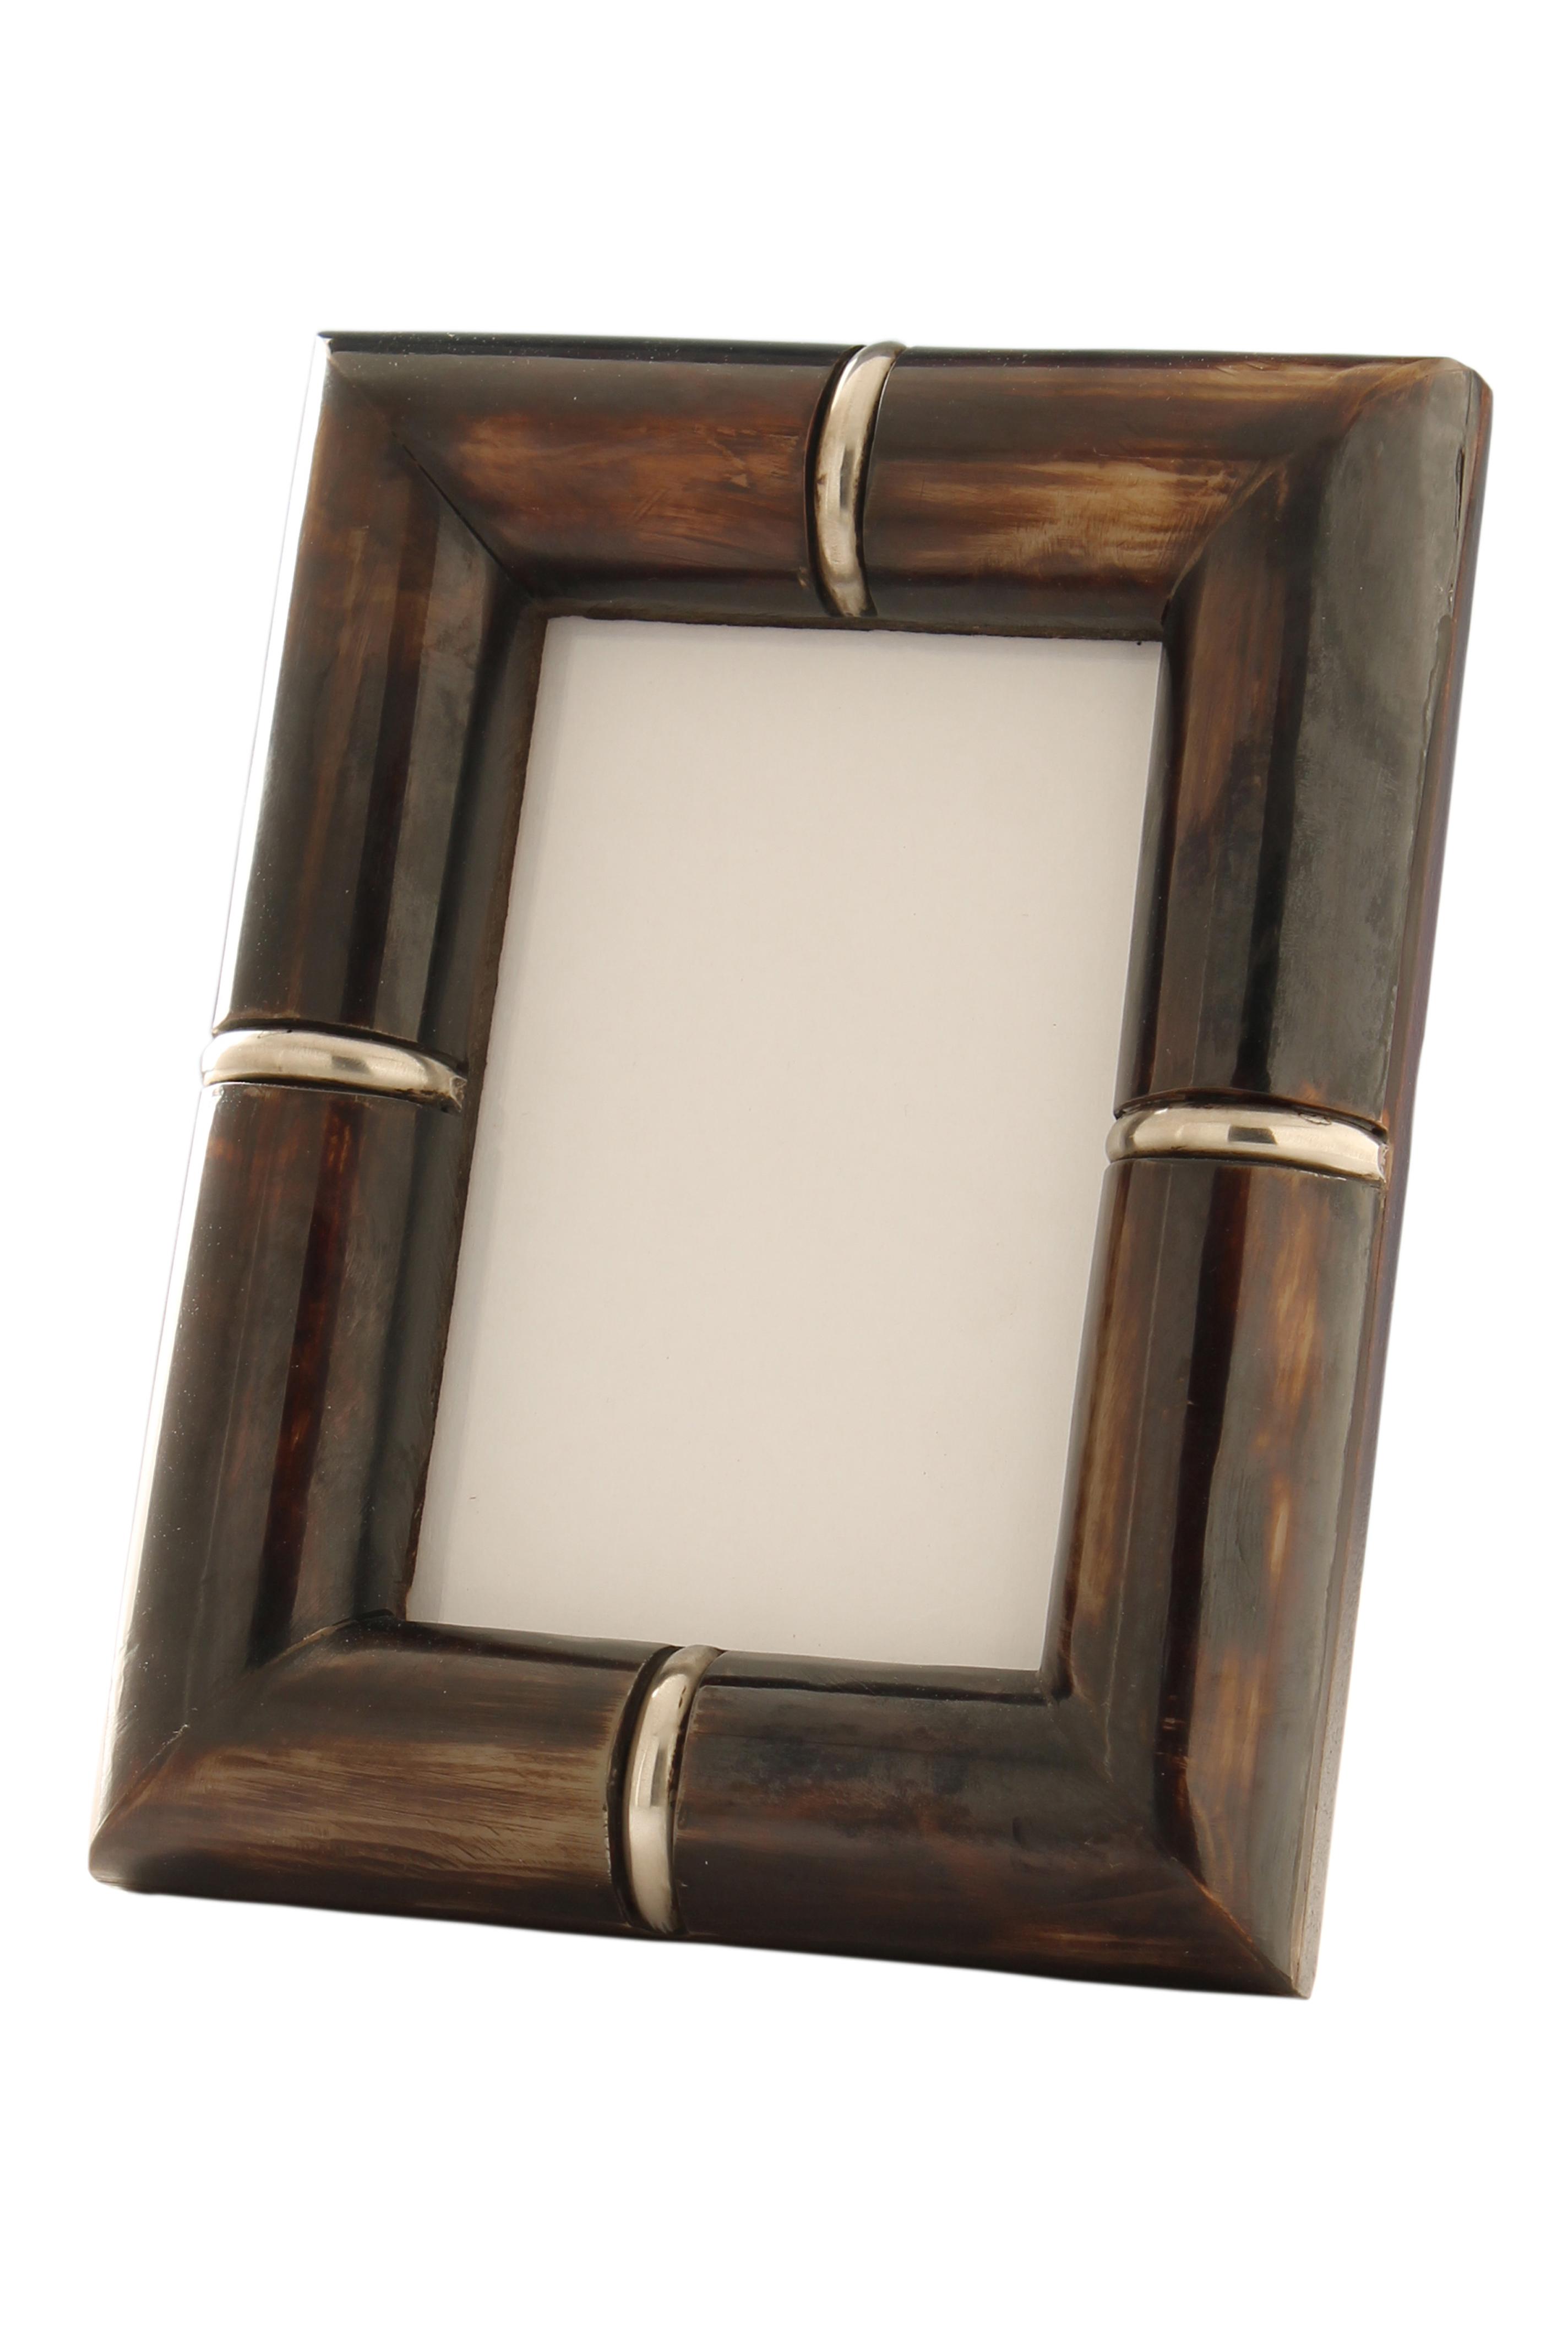 Gaya photo frame